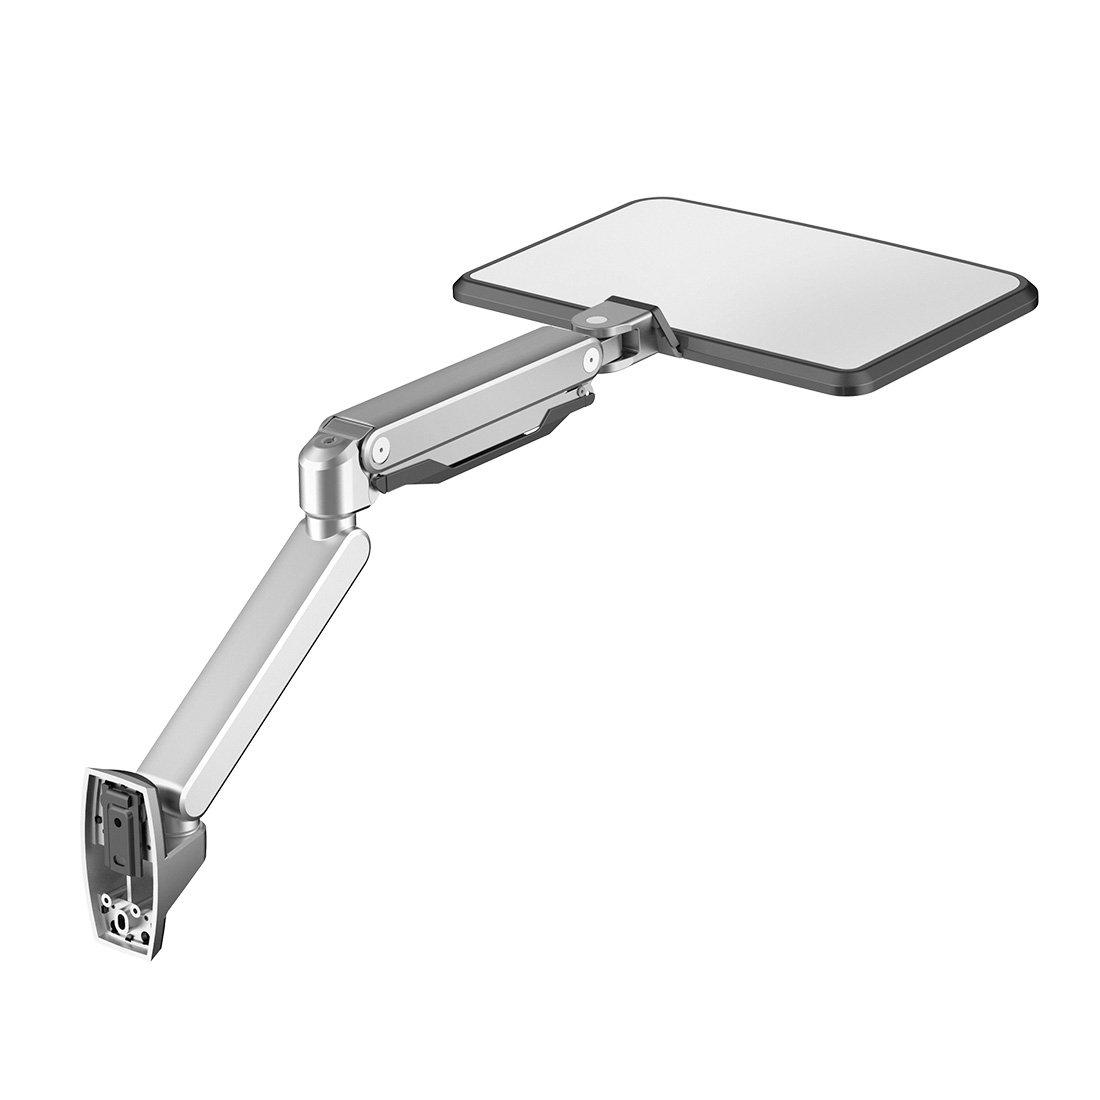 Fleximounts WS2L Verstellbarer Universal-Monitorständer Wandhalterung aus Aluminium für Laptop, Laptop, Laptop, Notebook und Computer 3292c8